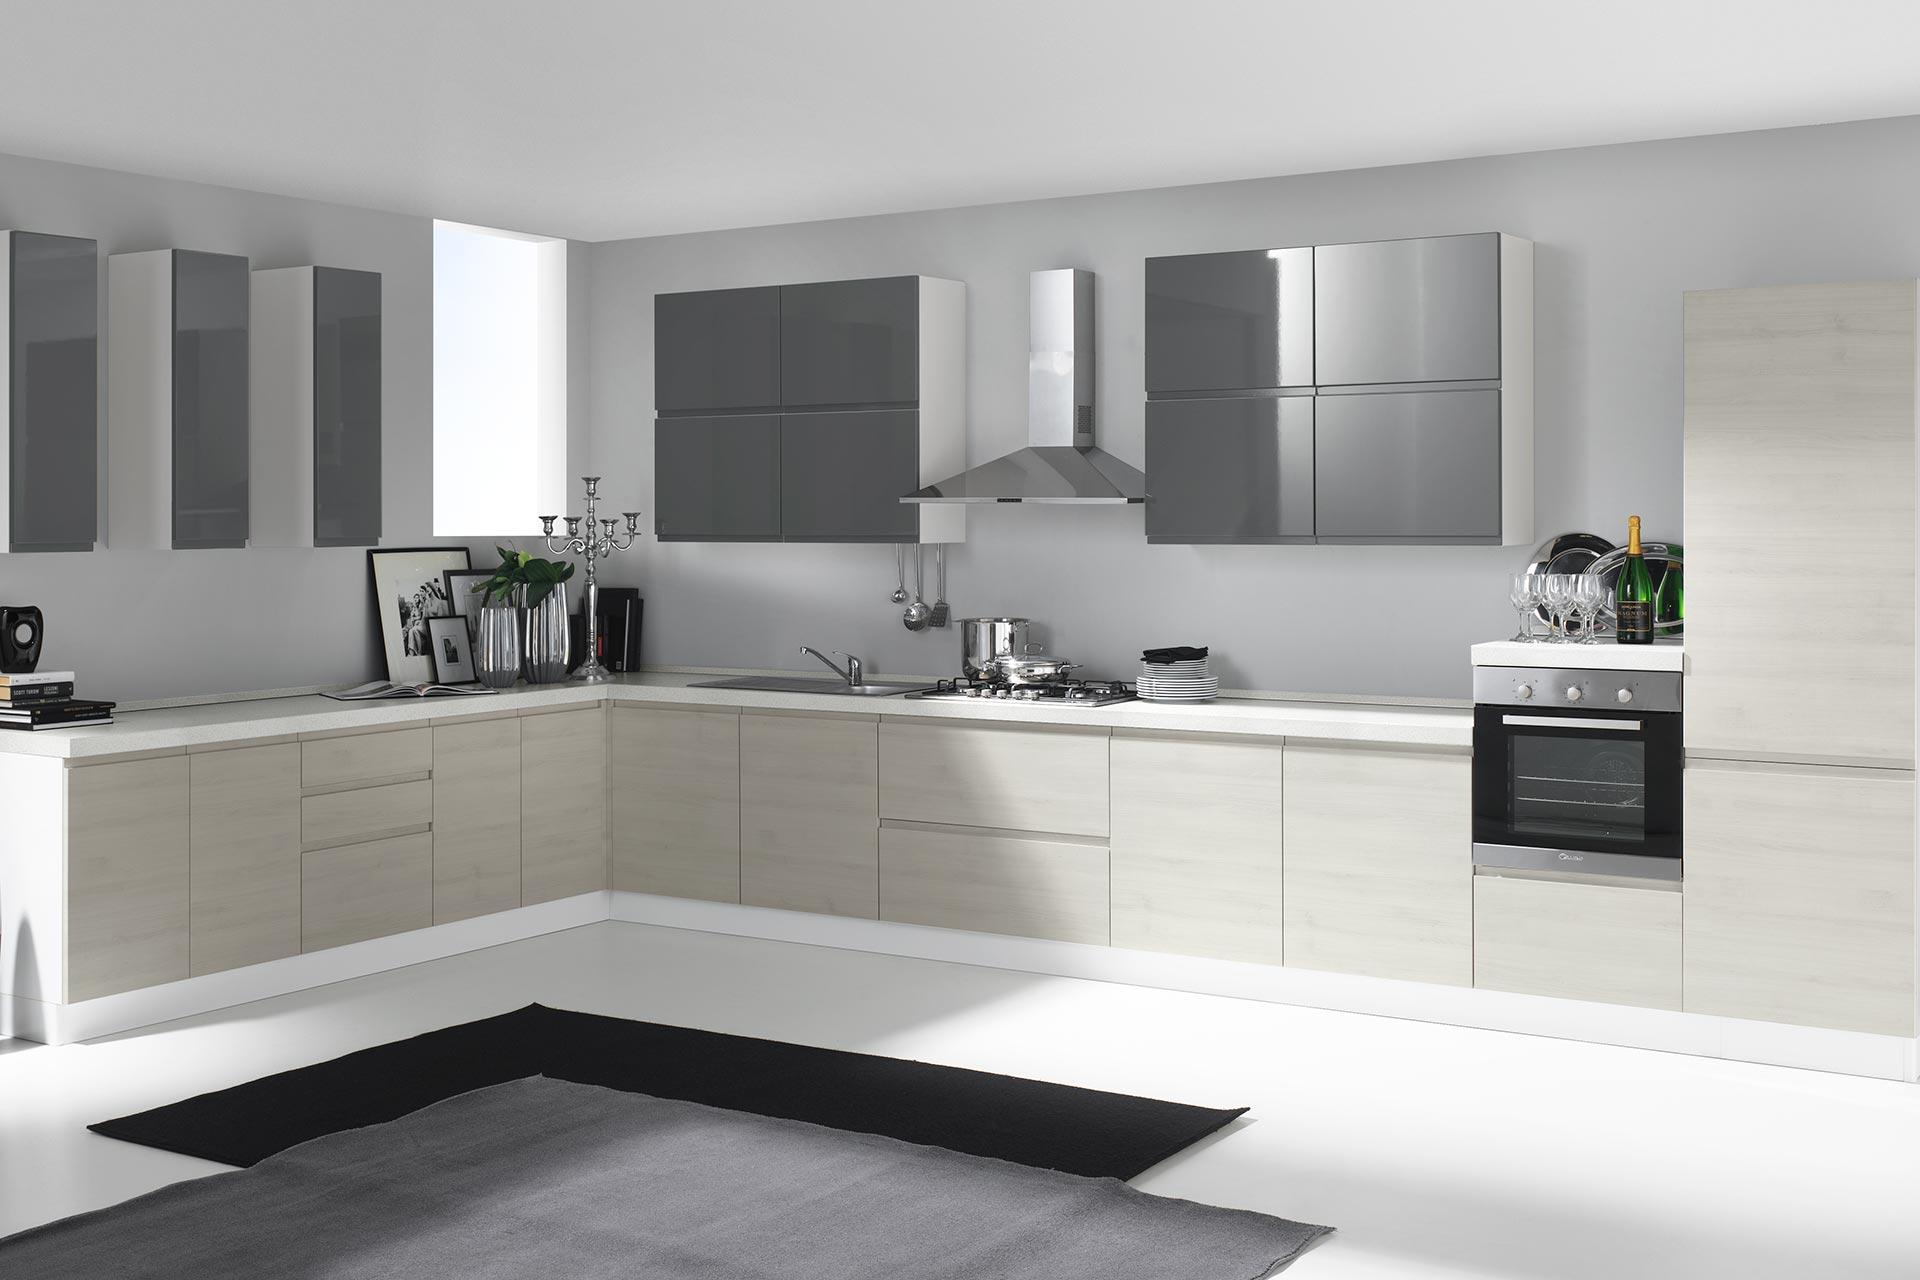 Produzione cucine con uno stile semplice ed essenziale for Cucina moderna 2018 pdf